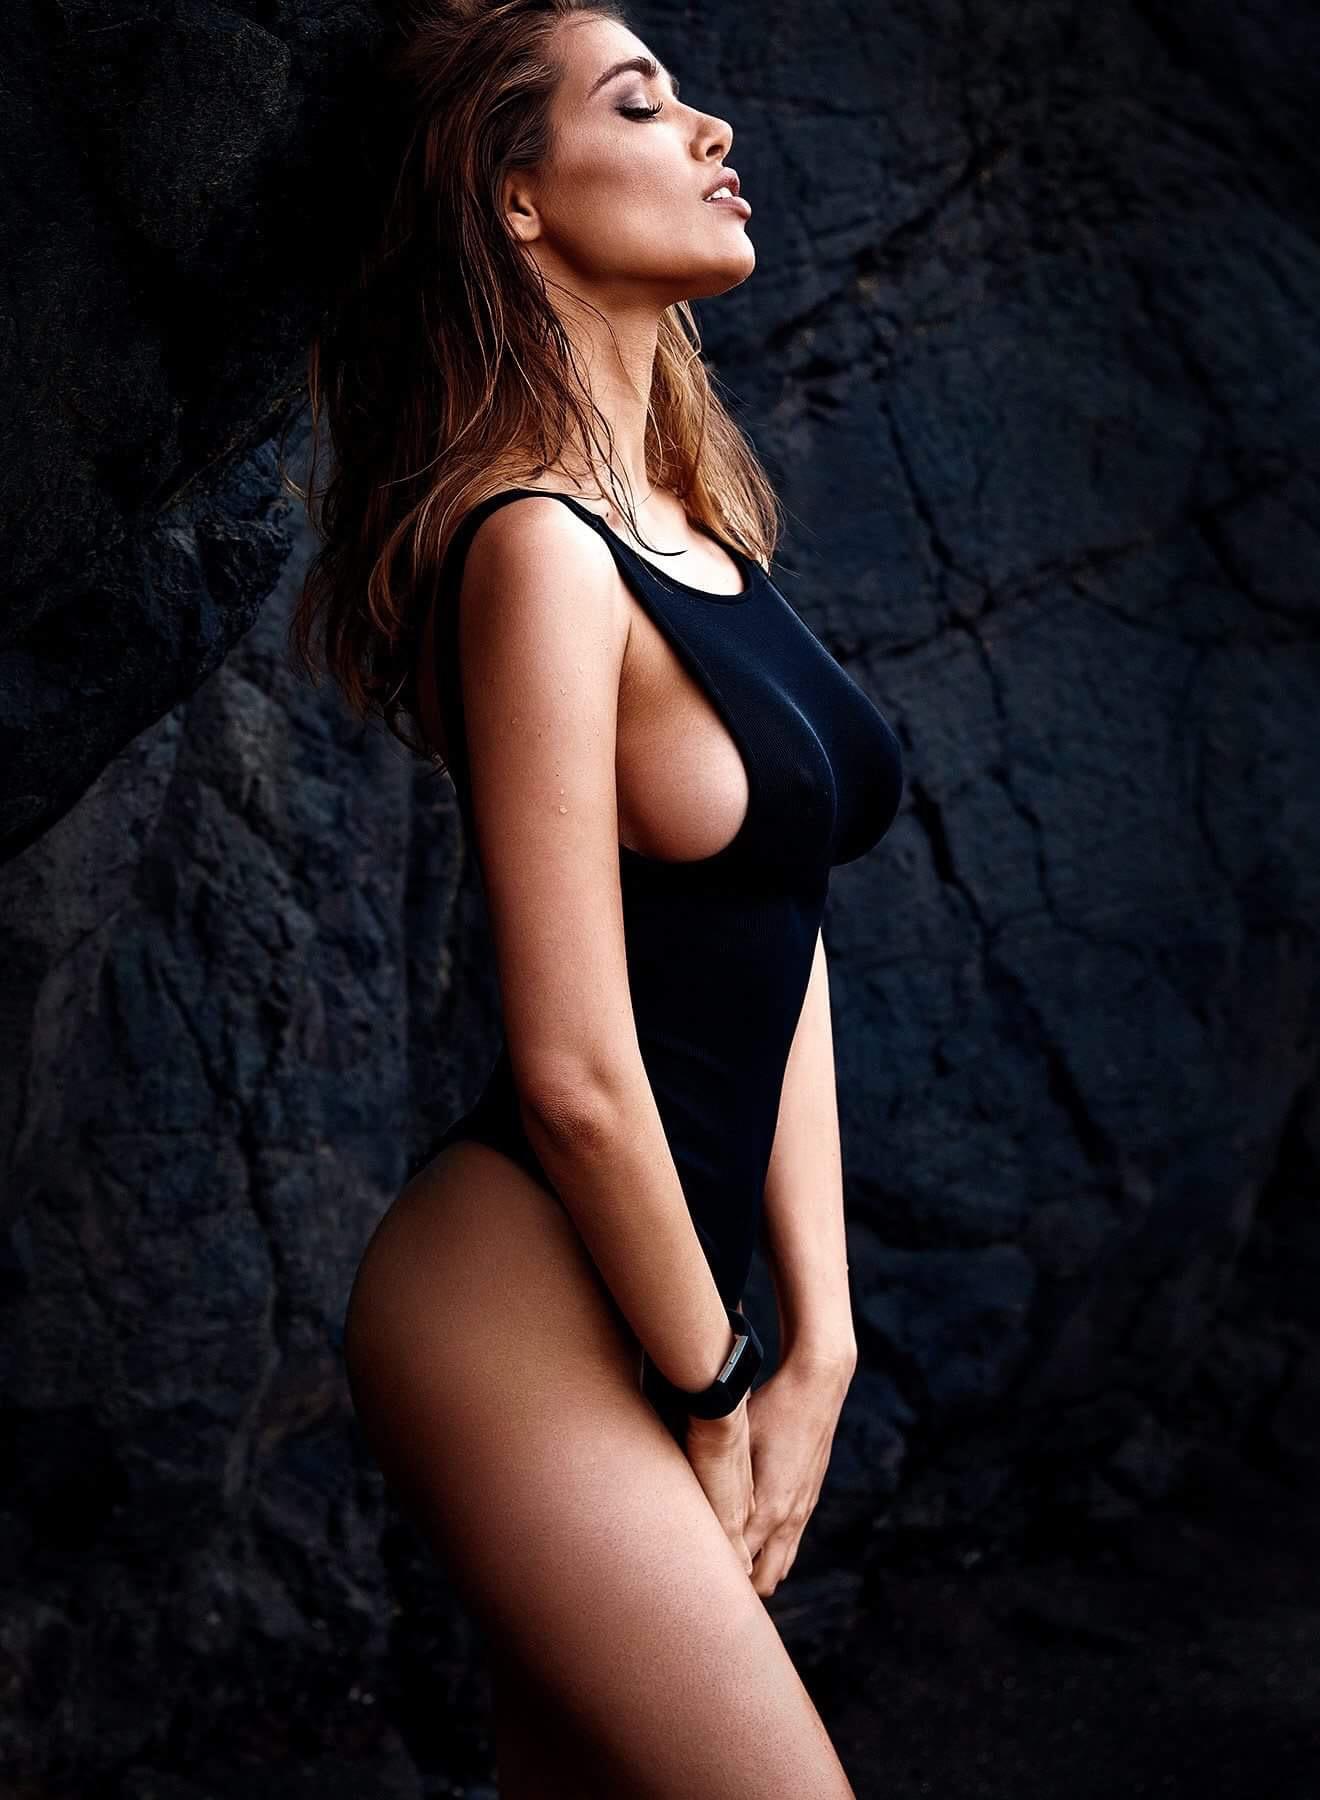 Danièla Degraux FHM6